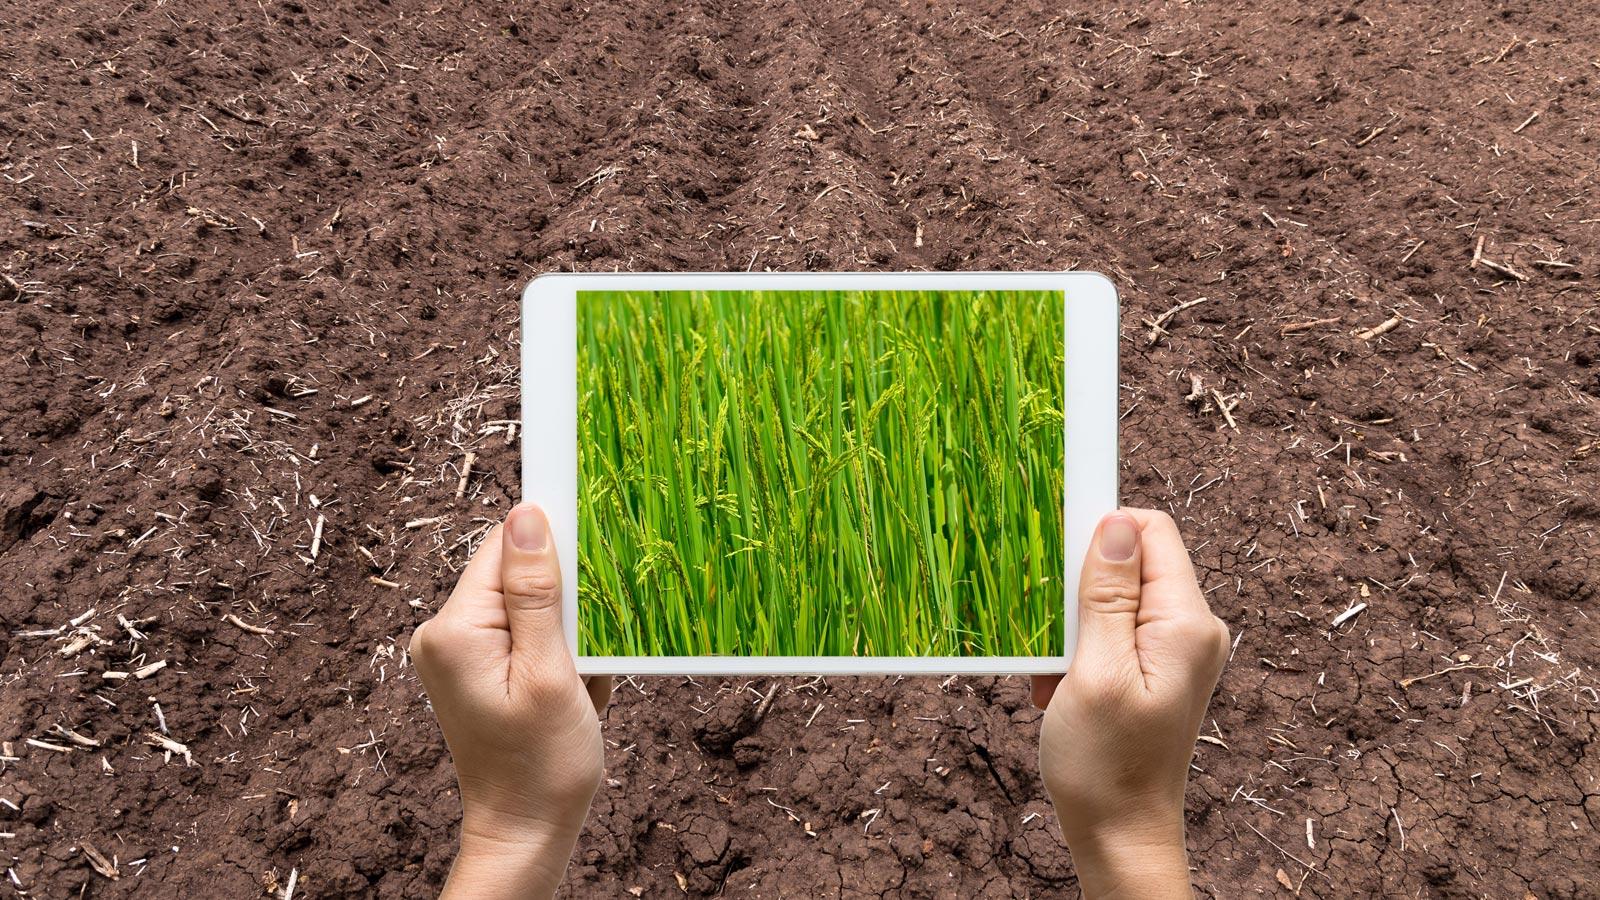 金融咨询公司_六大技术趋势通往数字化农业